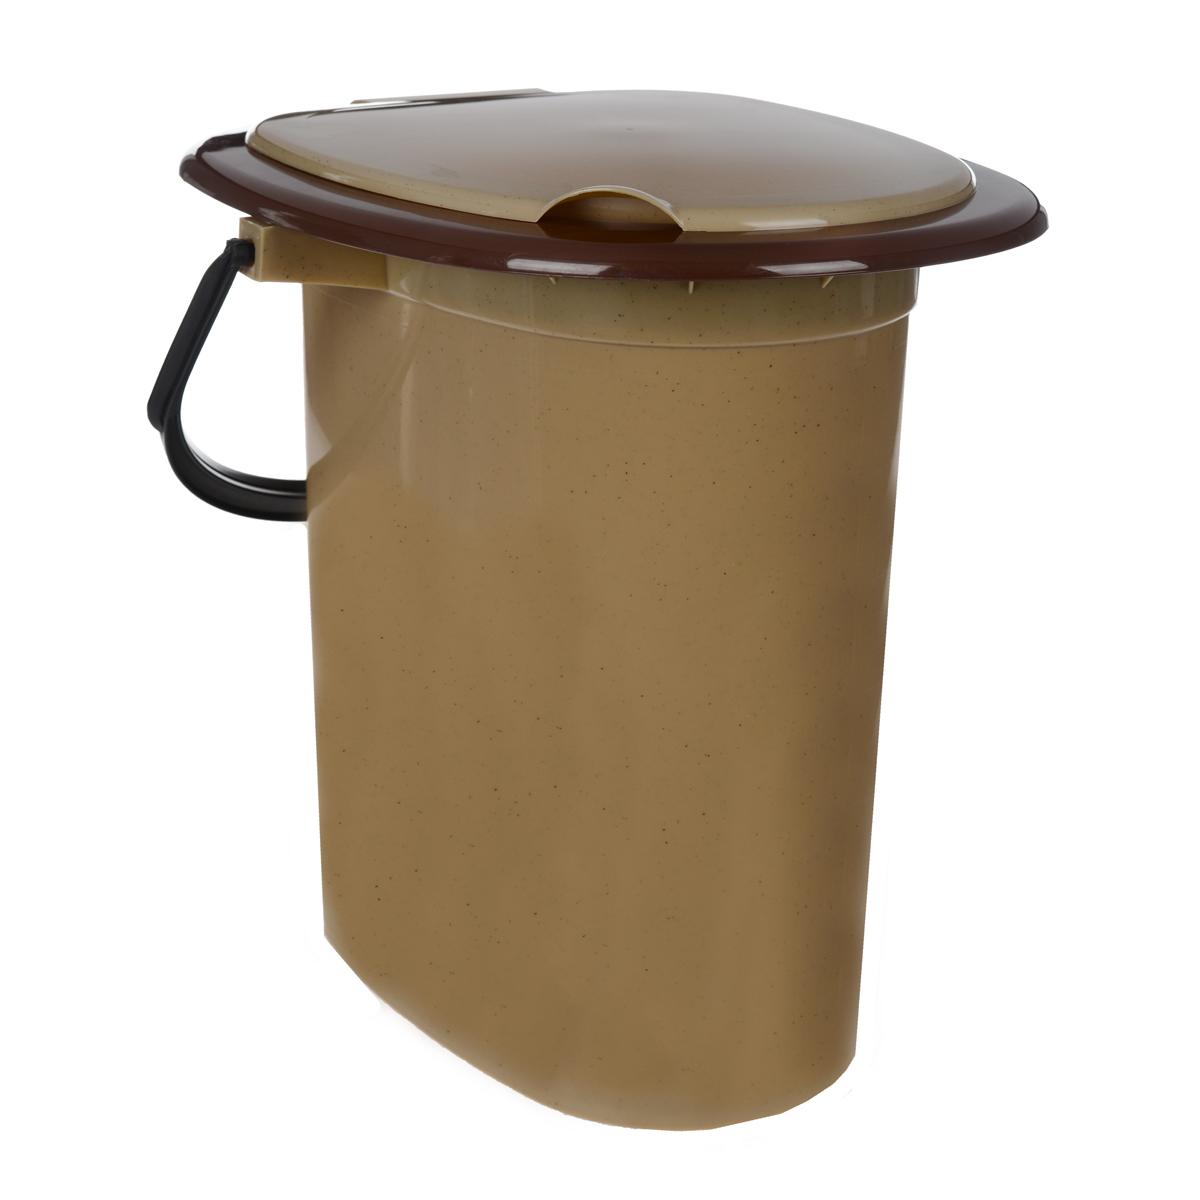 Ведро-туалет, цвет: коричневый, 16 лC205/205Ведро-туалет – это портативный переносной туалет. Ведро-туалет предназначено для применения в местах, где отсутствуют системы стационарной канализации. Удобное, прочное и эргономичное. Имеет ручку для переноски и съемную крышку. Сделано из высококачественного пластикового материала, легко моется.